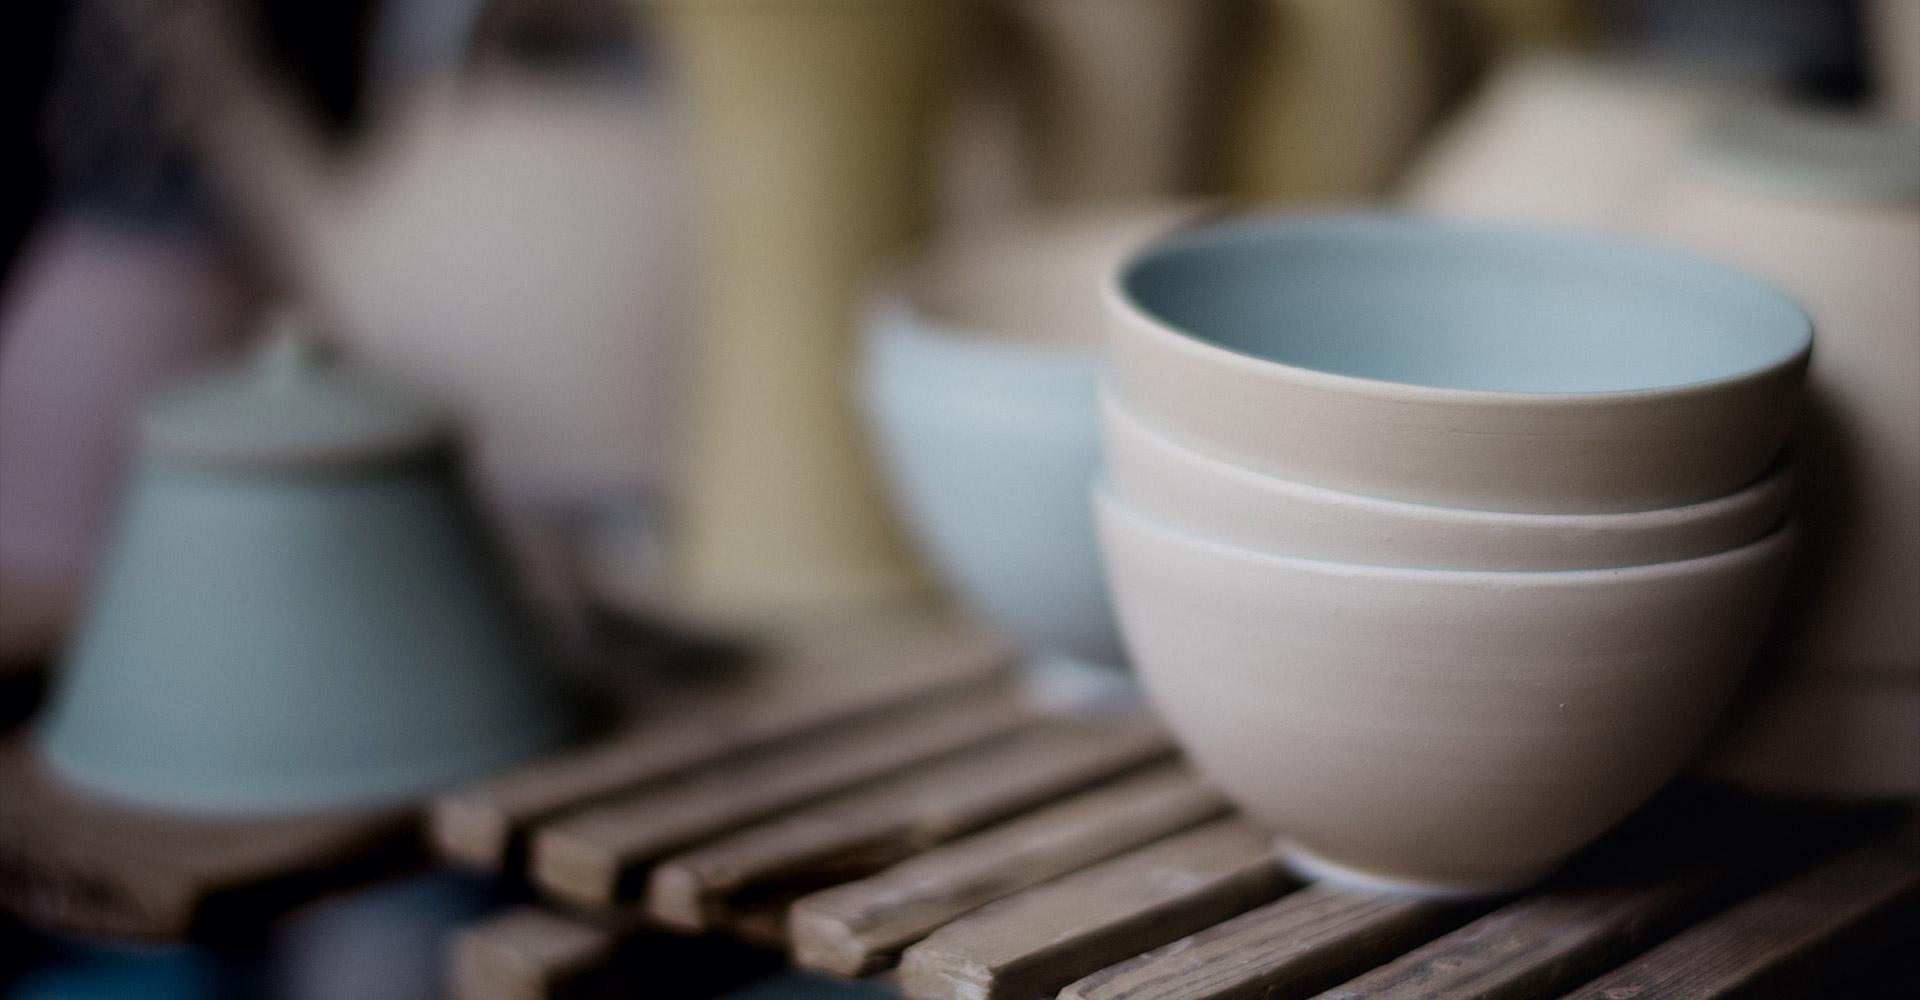 Bol en céramique fait de manière artisanal à Bruxelles